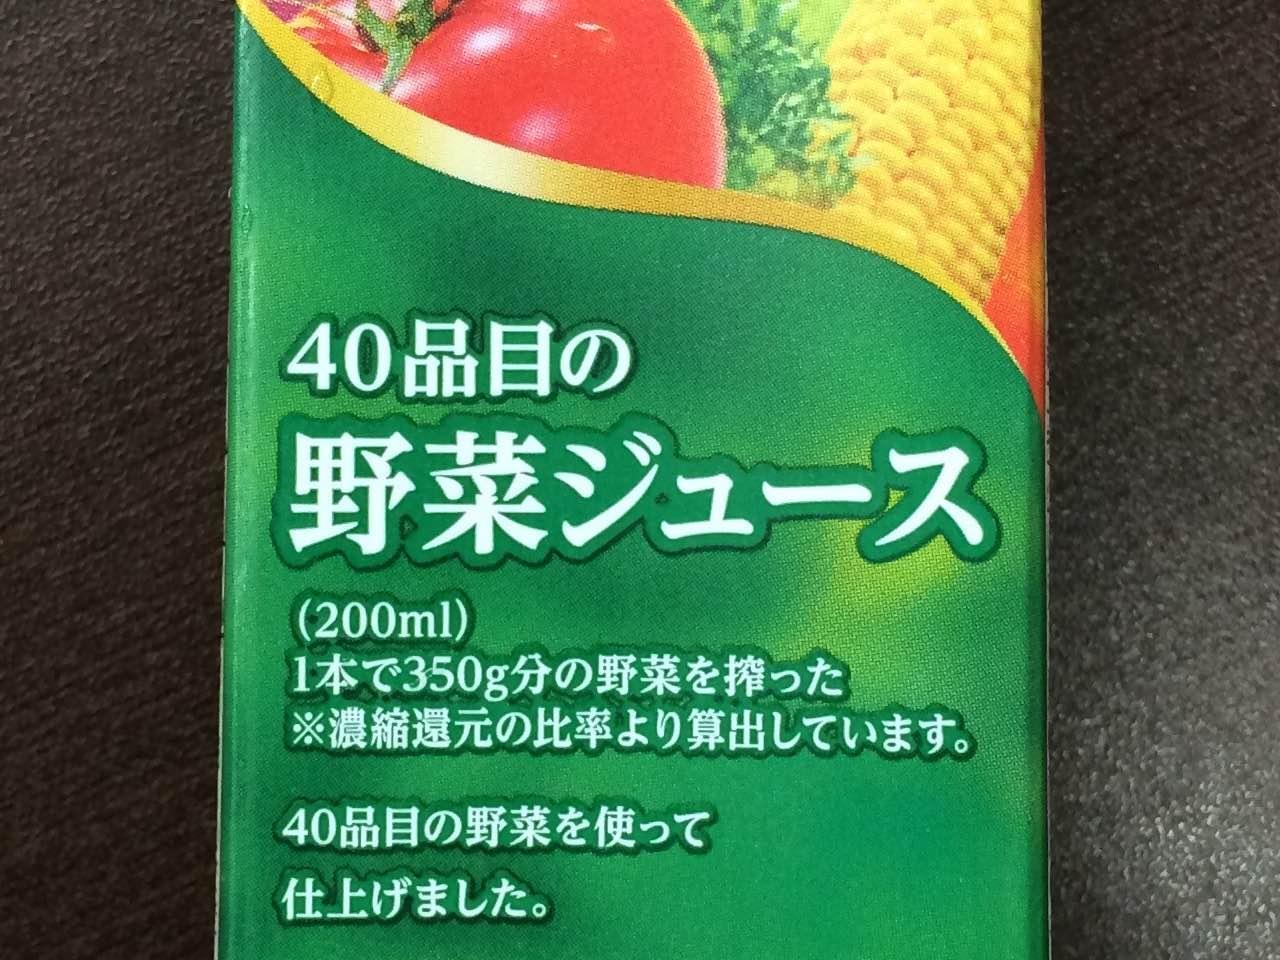 40品目の野菜ジュース